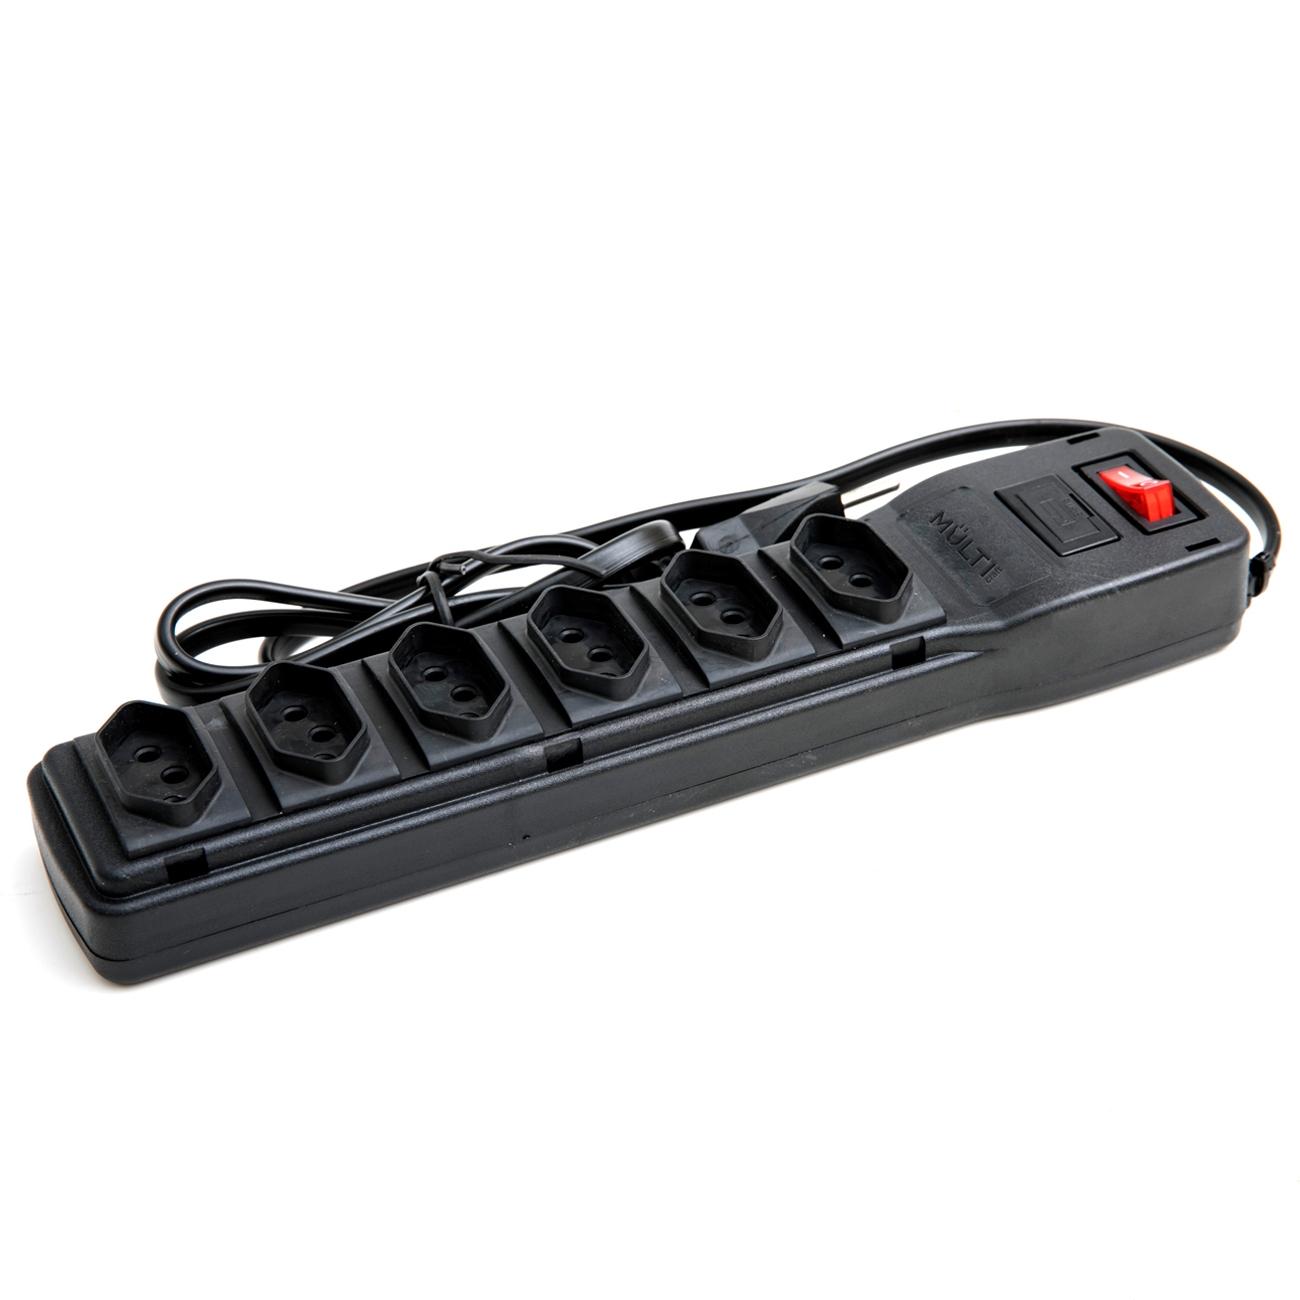 Kit 4 Filtros de Linha com 6 Tomadas e Protetor Eletrônico  - BRIGHT